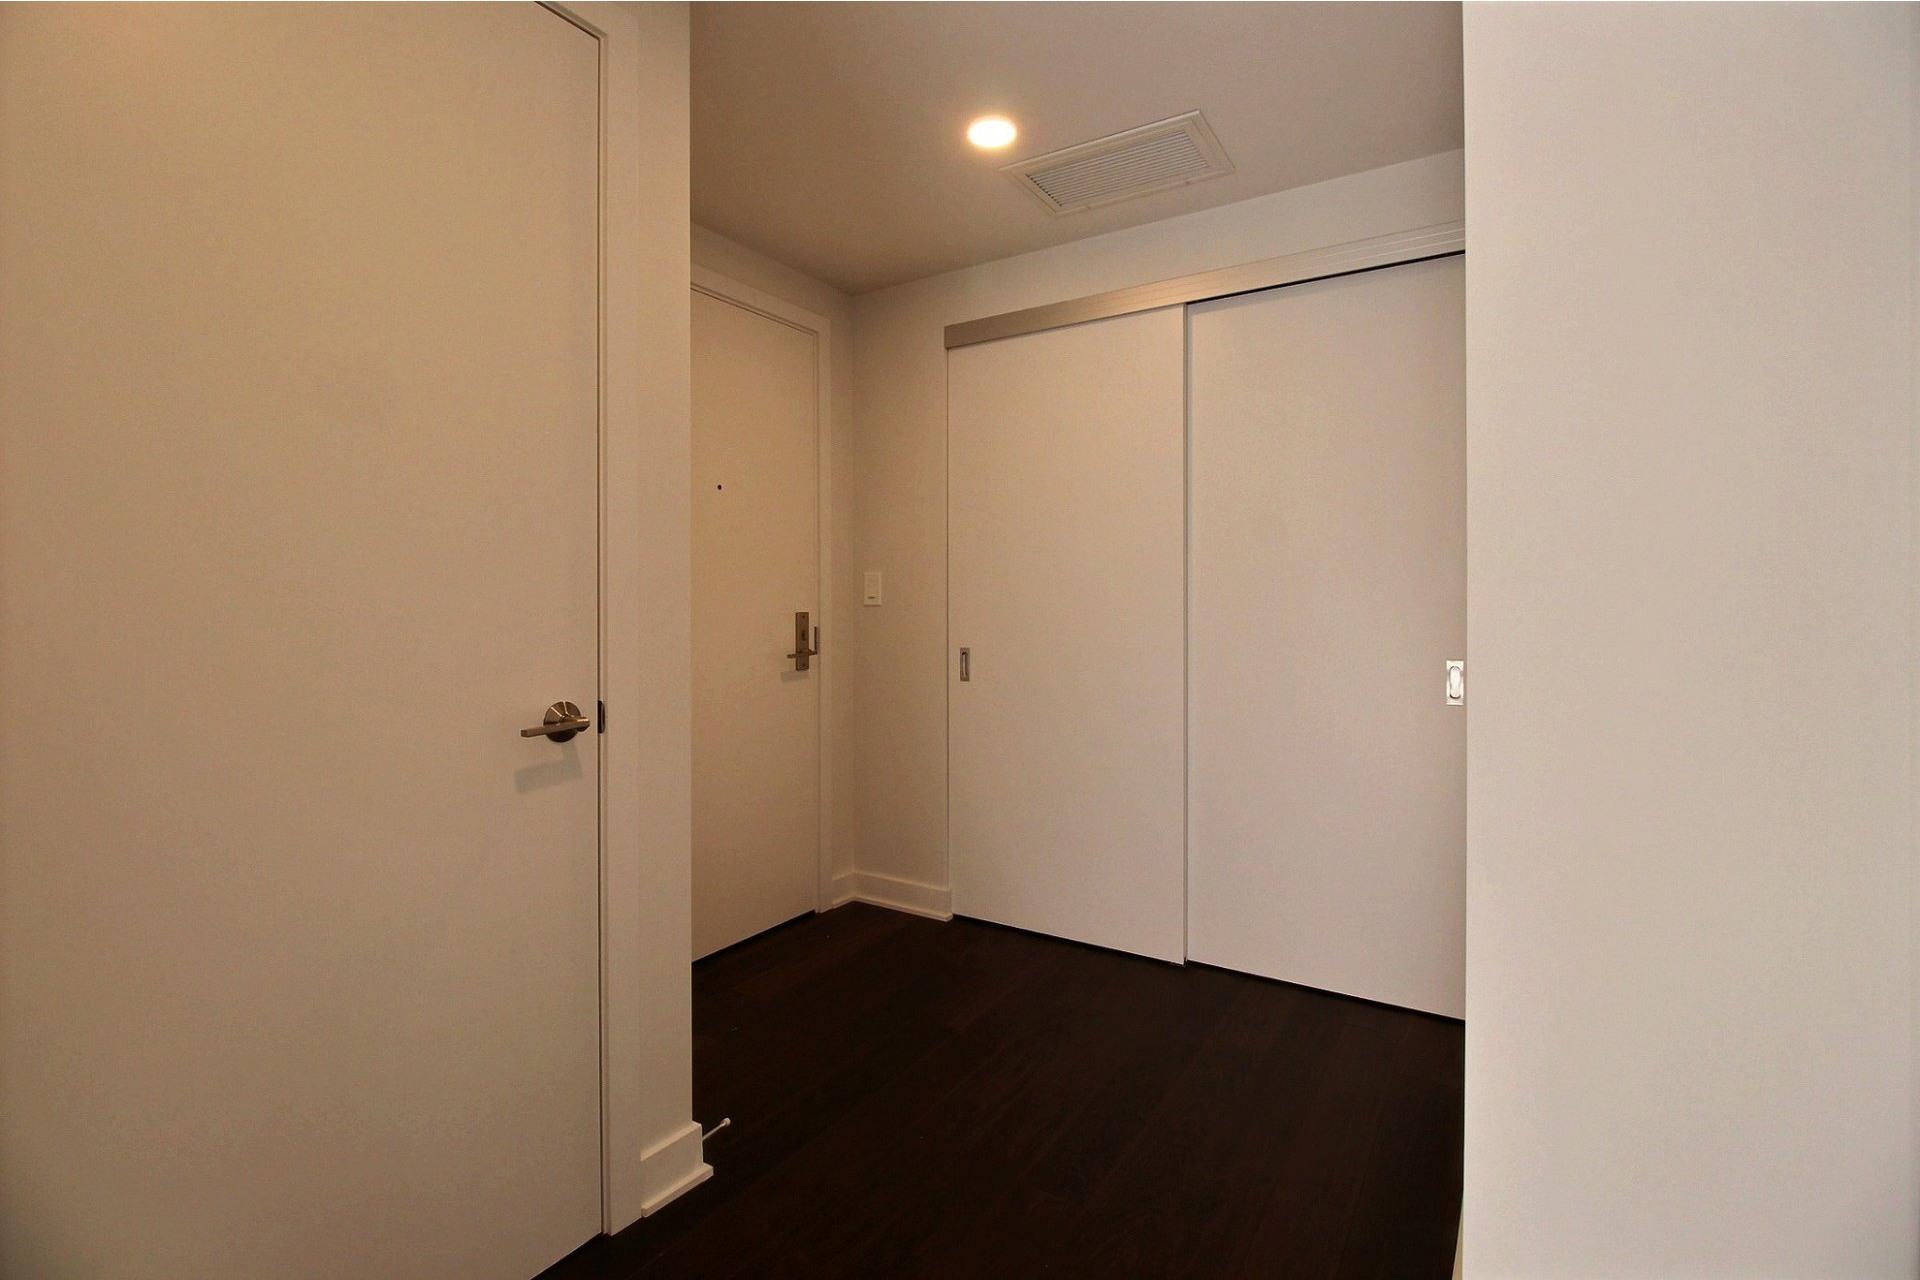 image 14 - Apartment For rent Ville-Marie Montréal  - 7 rooms